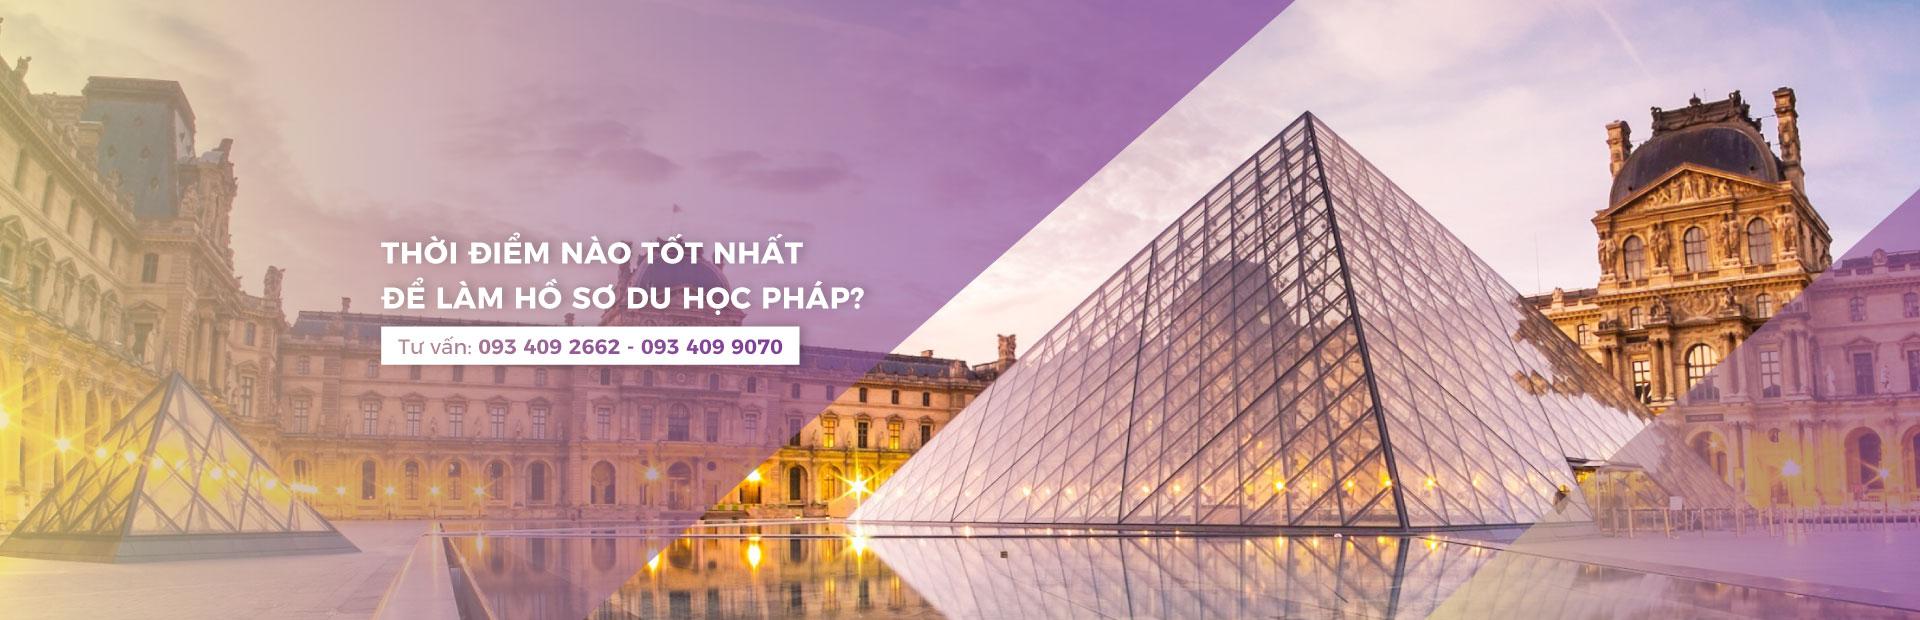 Phap 2